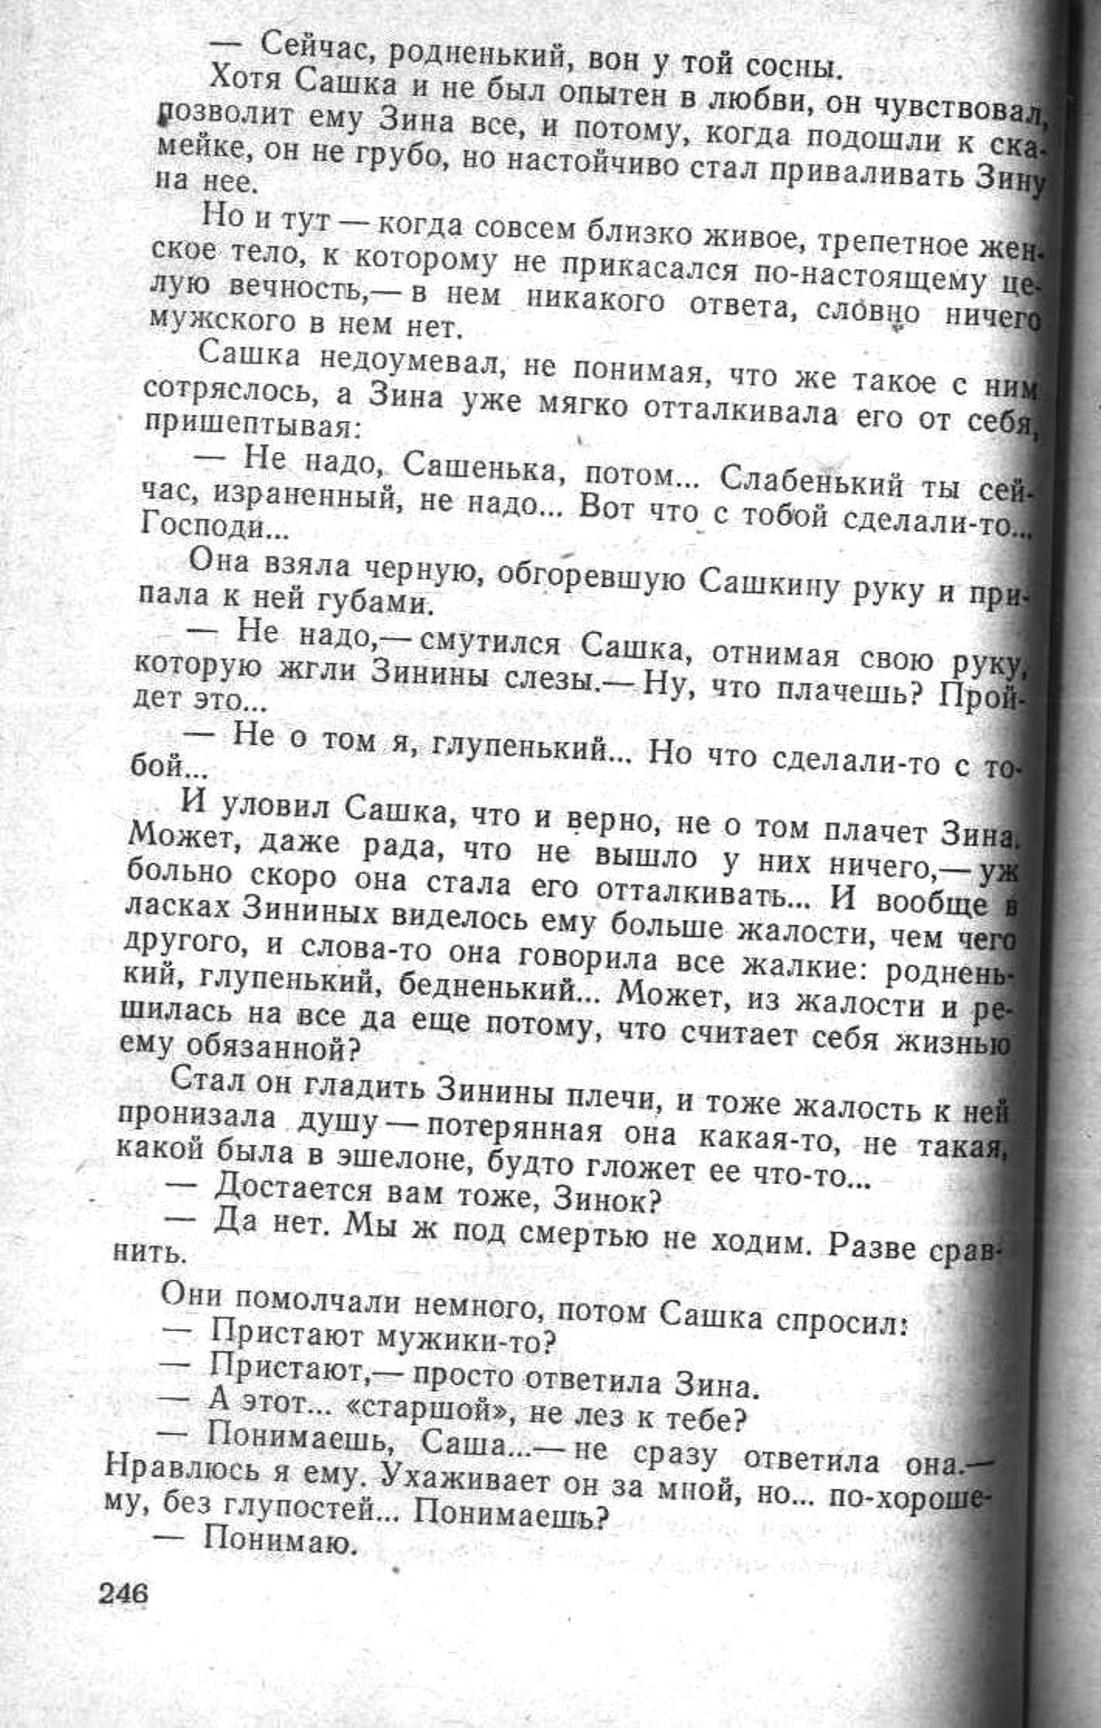 Сашка. Повесть. Вячеслав Кондратьев. 010. 003